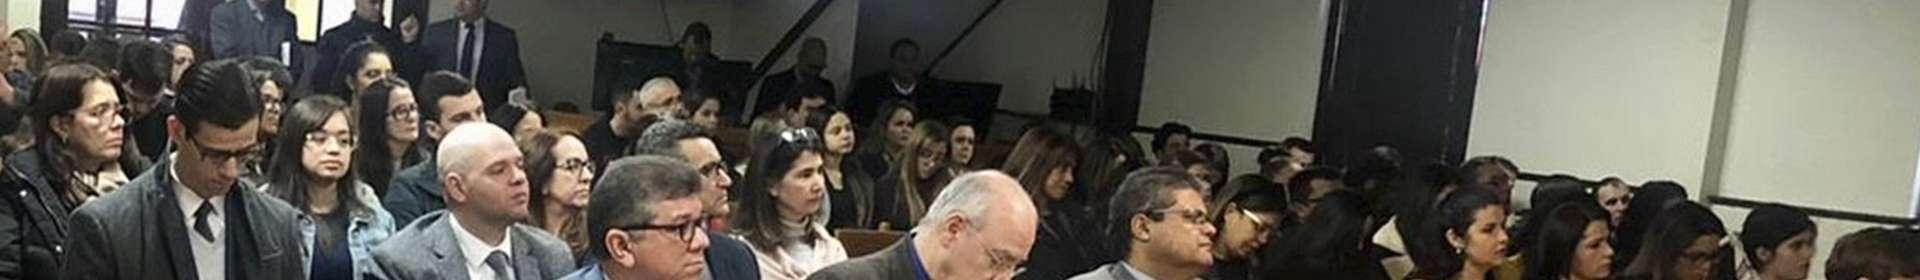 Seminários nos Estados Unidos envolvem experiências e testemunhos